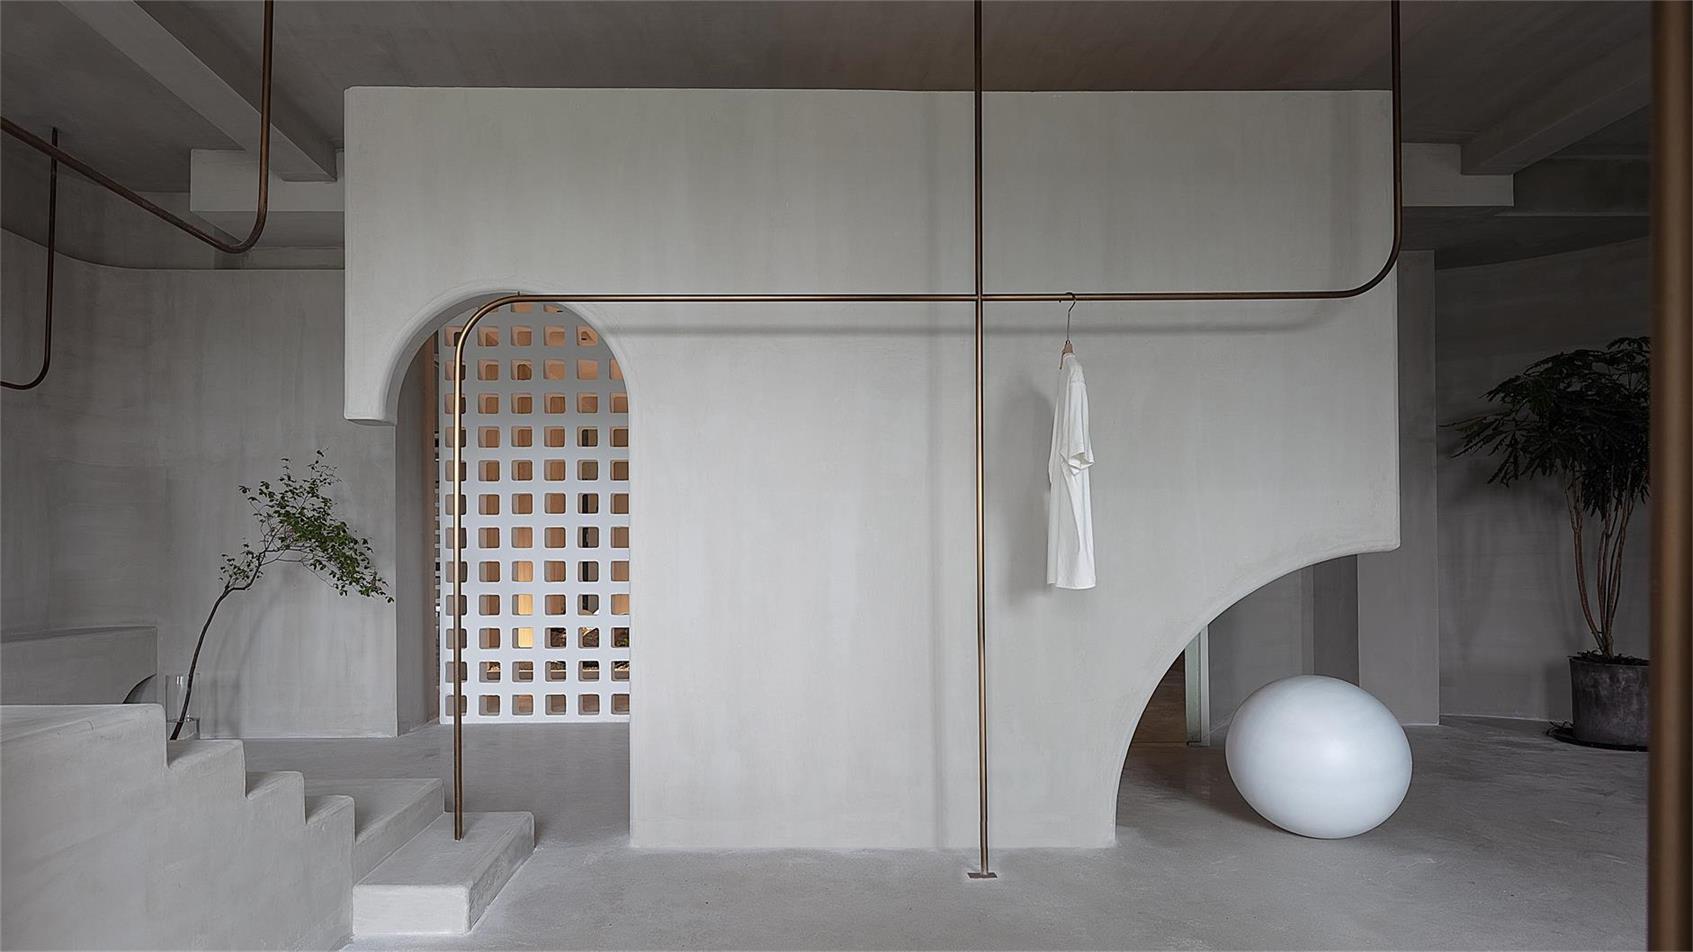 服装店设计, 服装工作室设计, 服装展厅设计, 设计公司办公室设计,旗舰店设计,商业空间设计